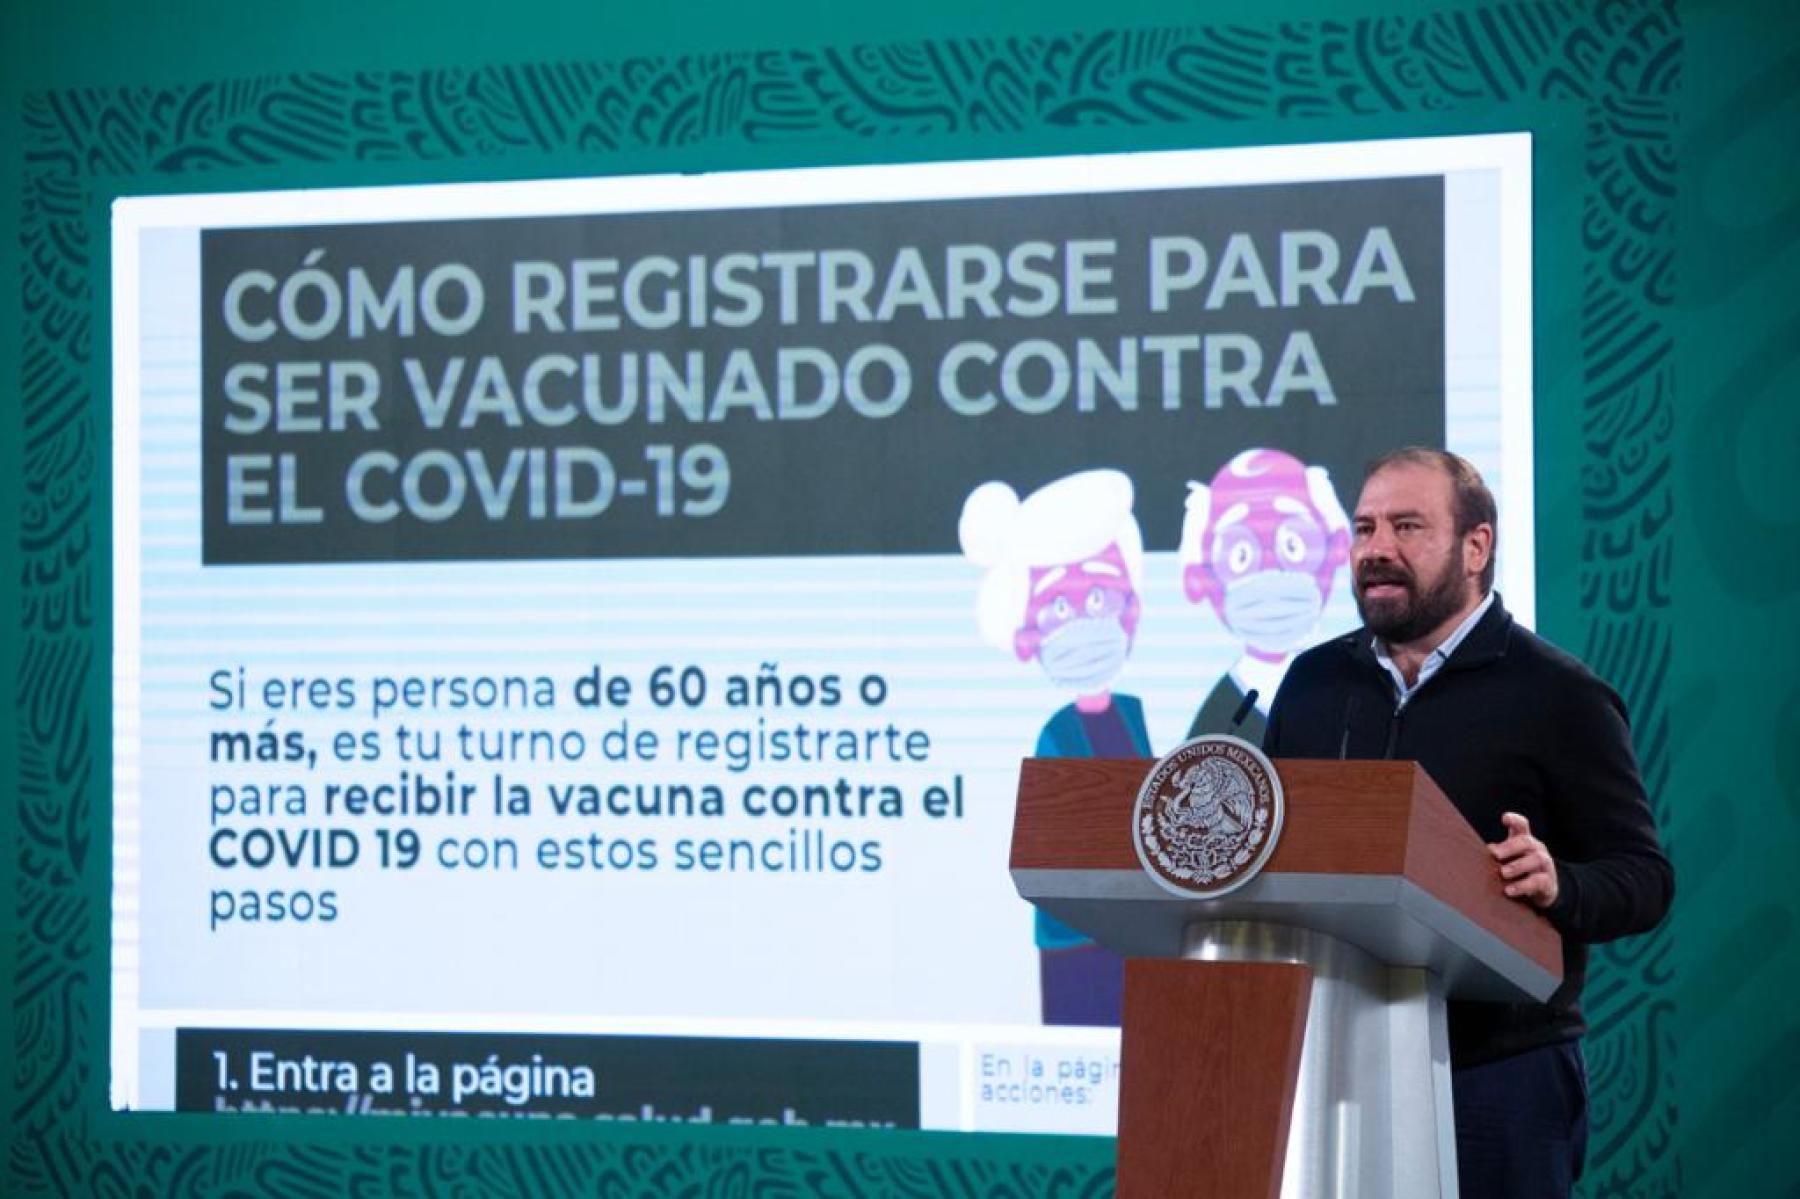 Cae página web para el registro de vacunación contra Covid-19 en adultos mayores